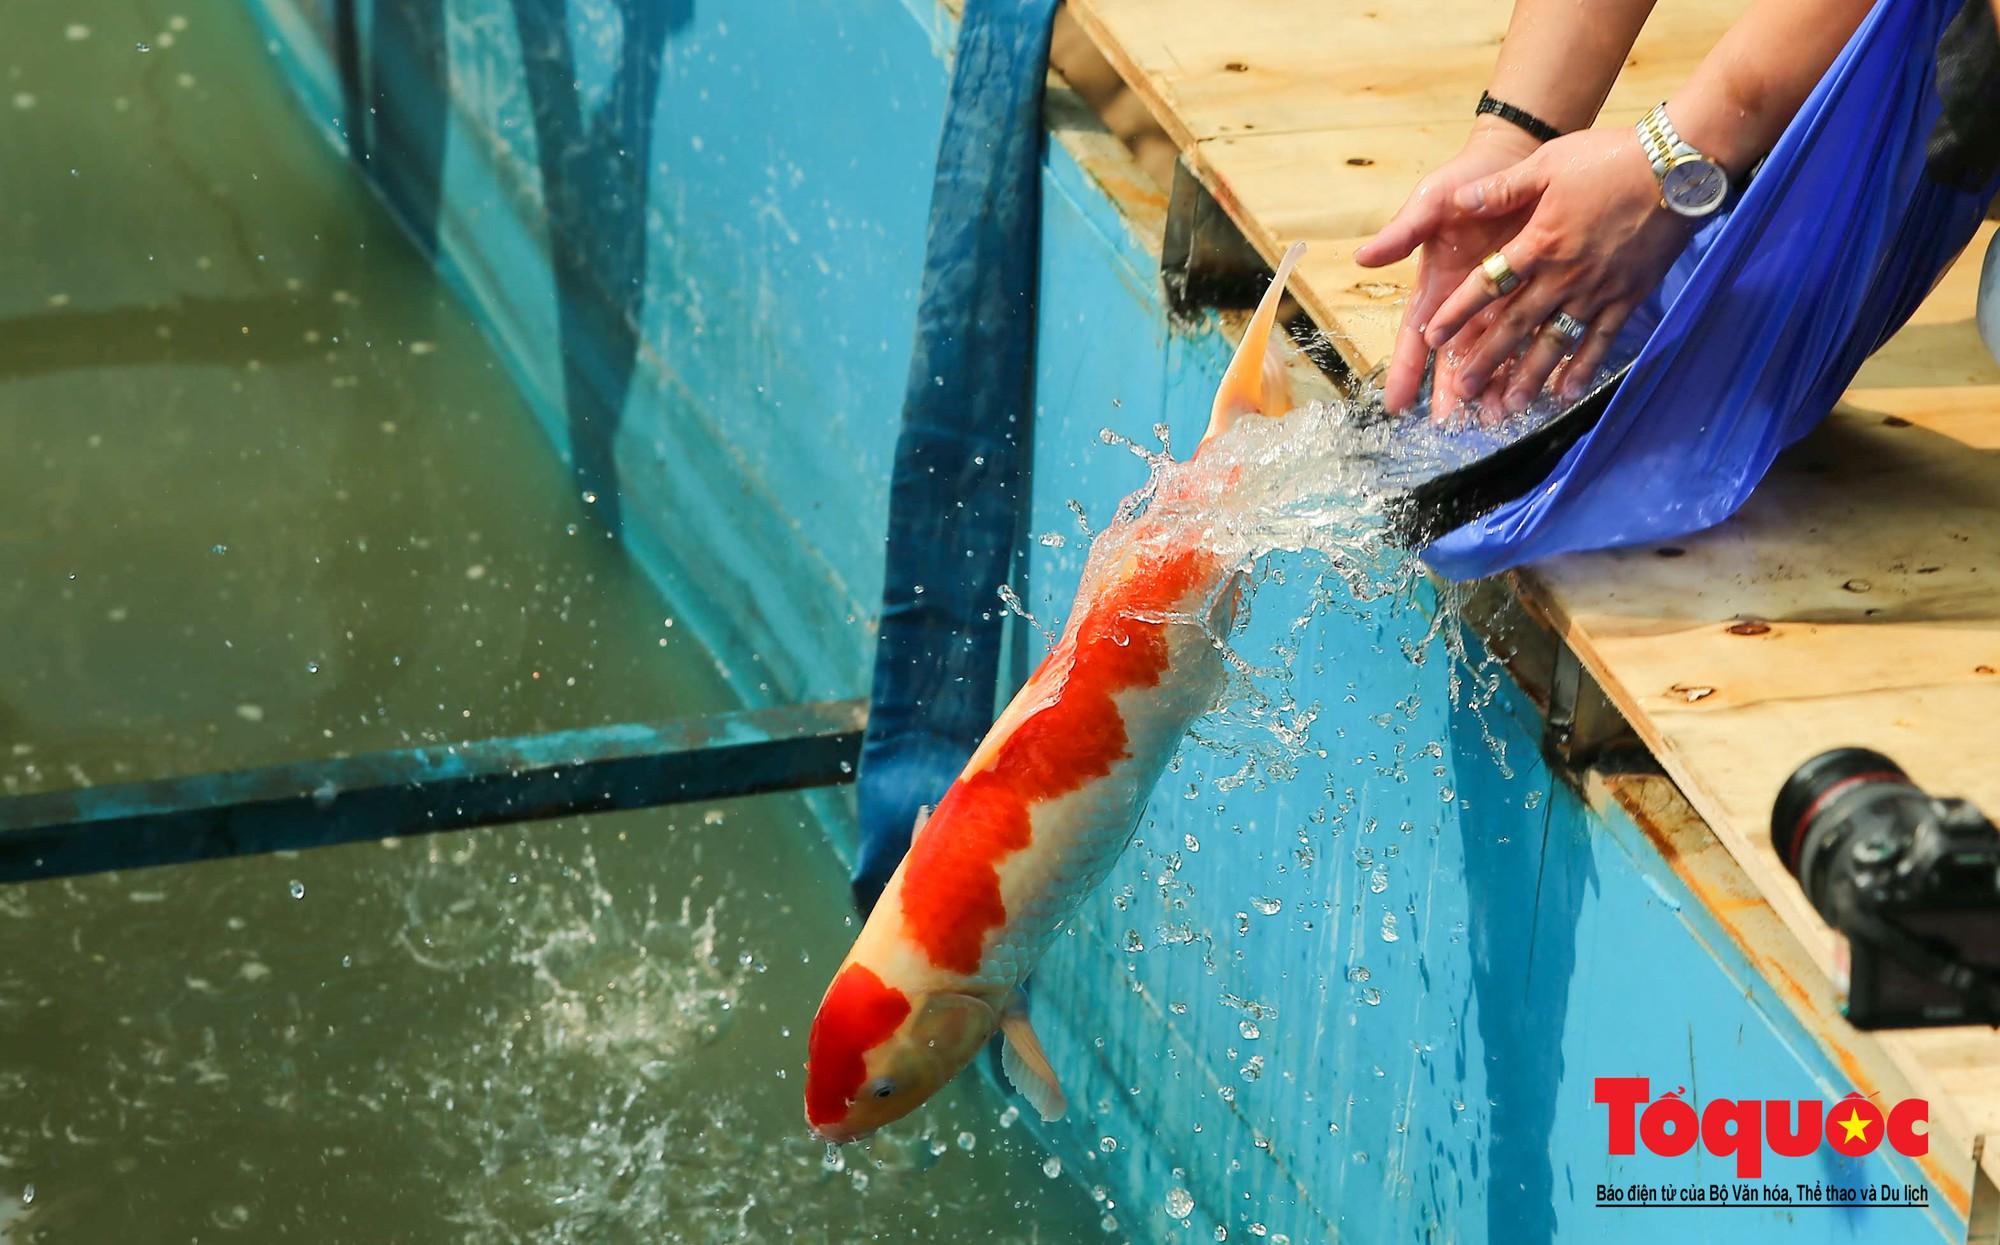 Hà Nội Thả thử nghiệm gần 100 con cá Koi Nhật Bản xuống sông tô lịch và Hồ Tây (3)